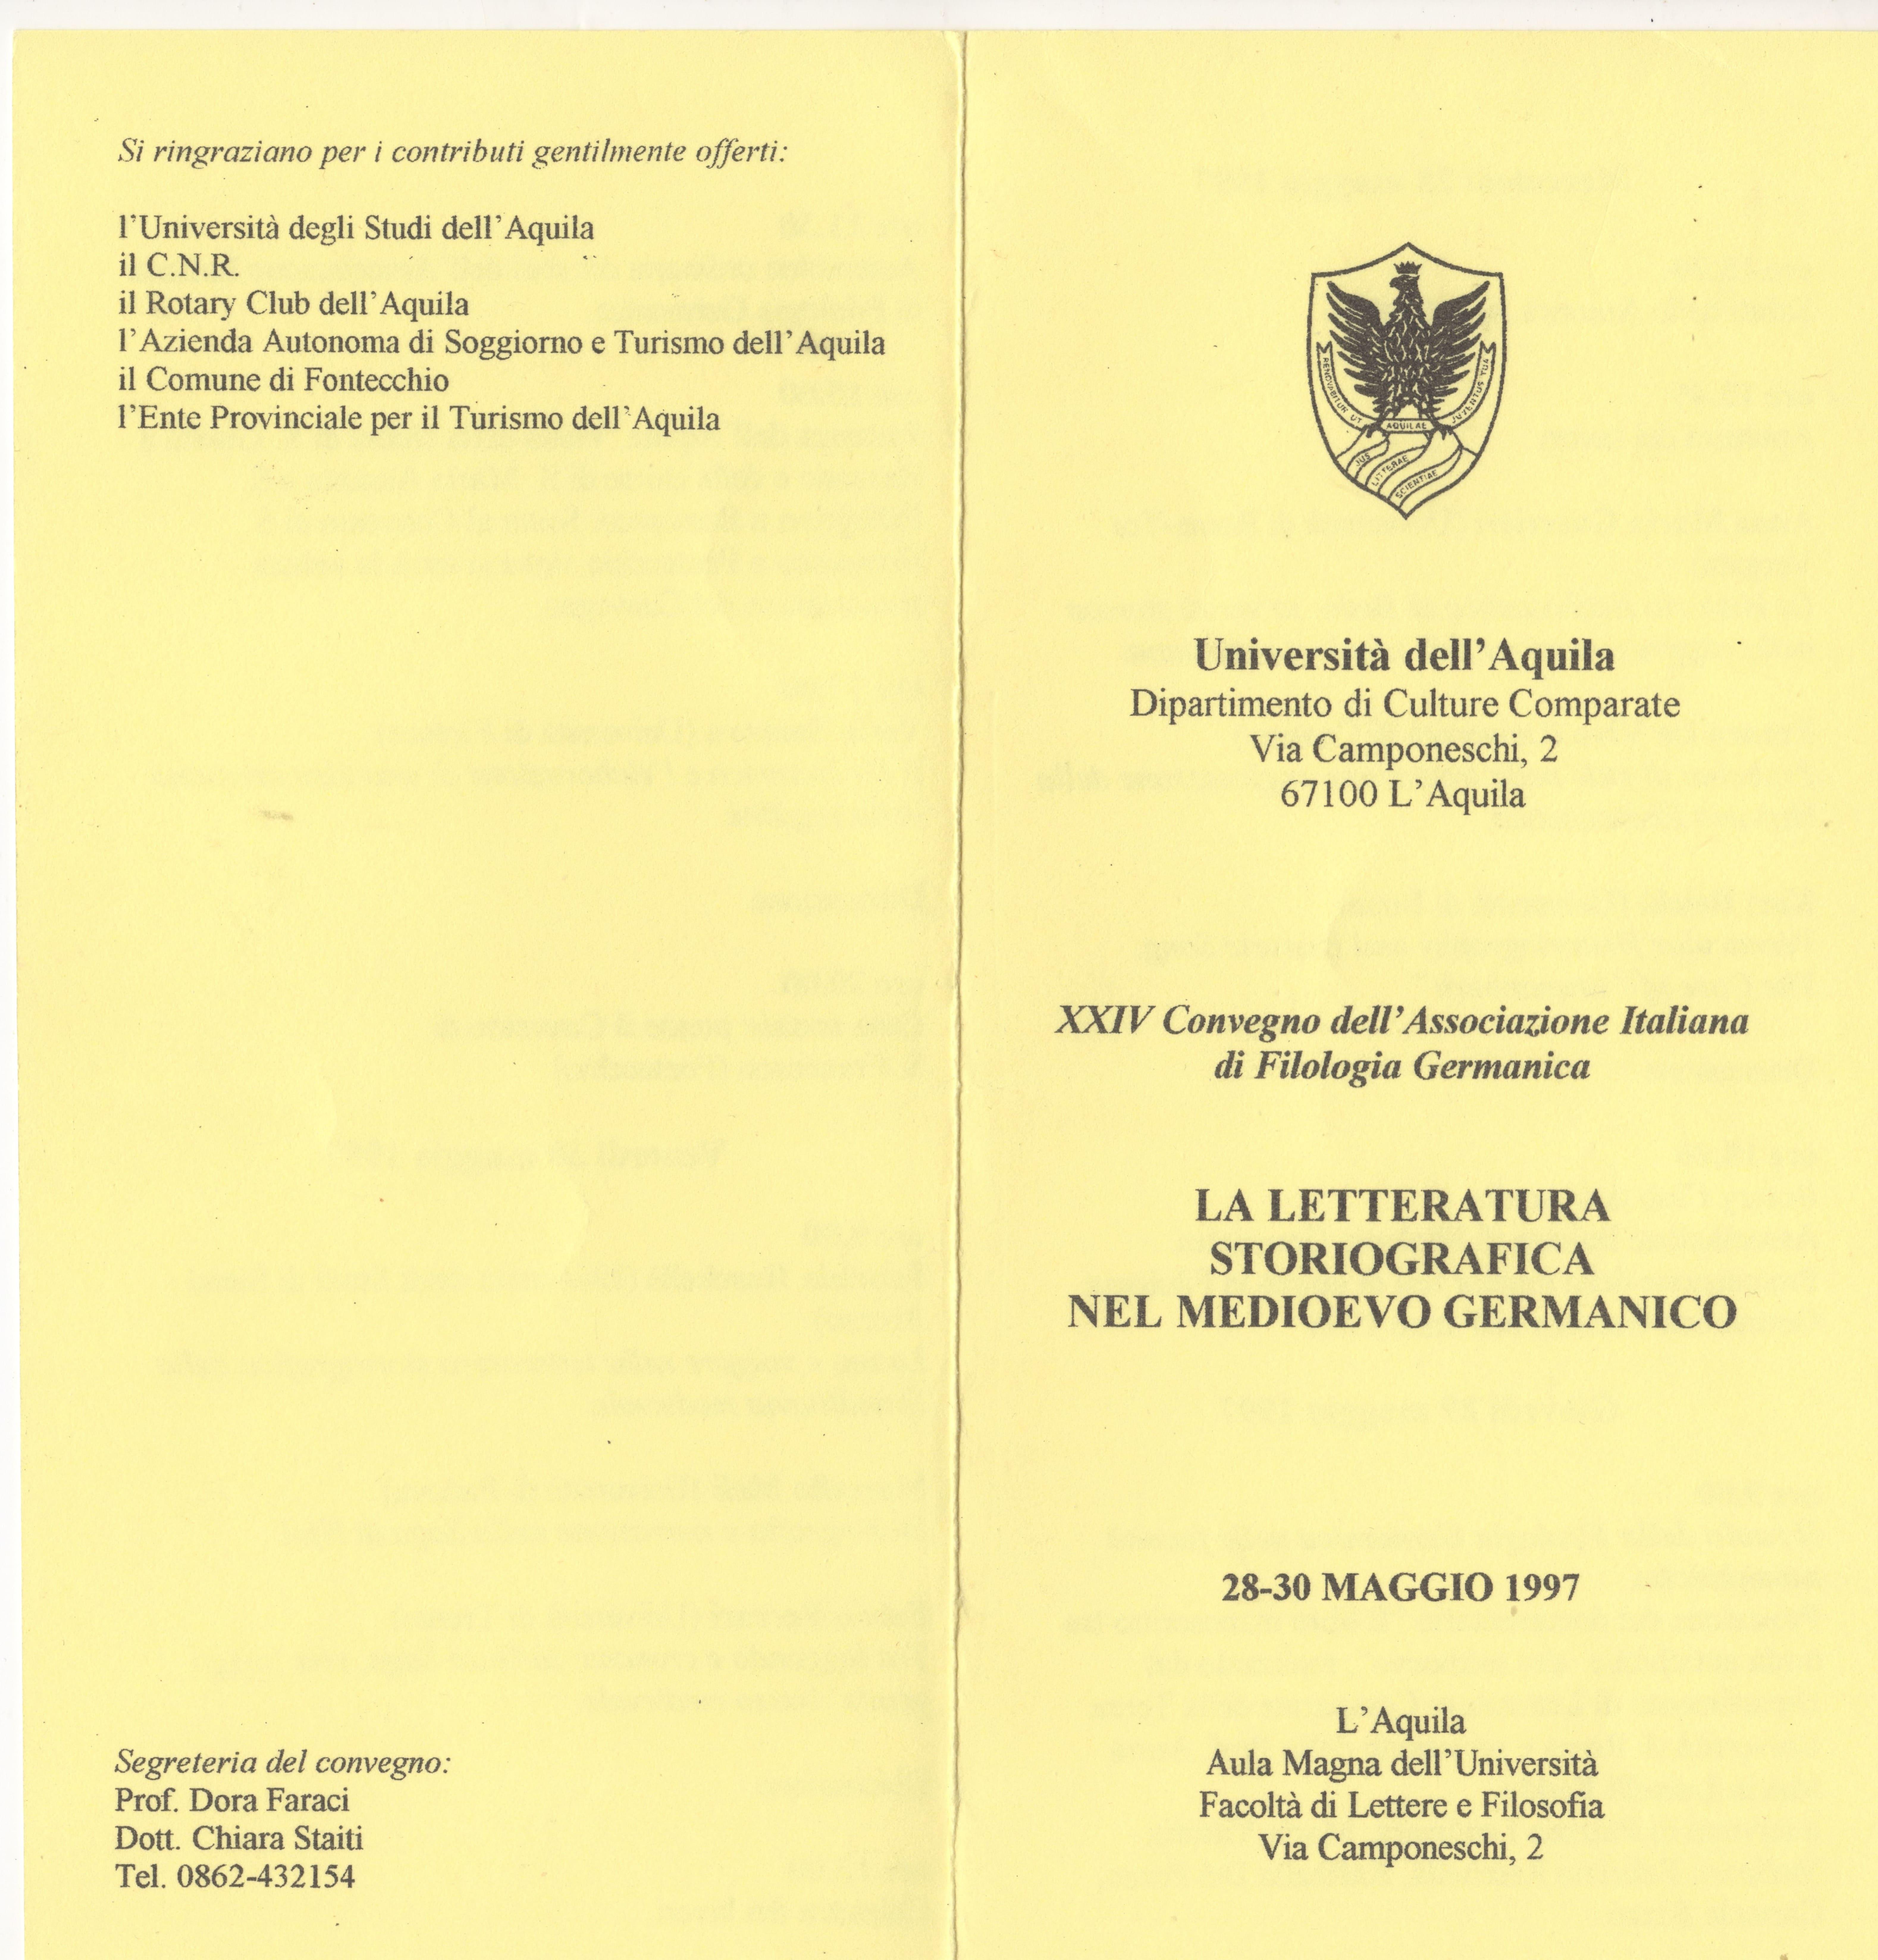 1997 Laquila 1-min11jpeg